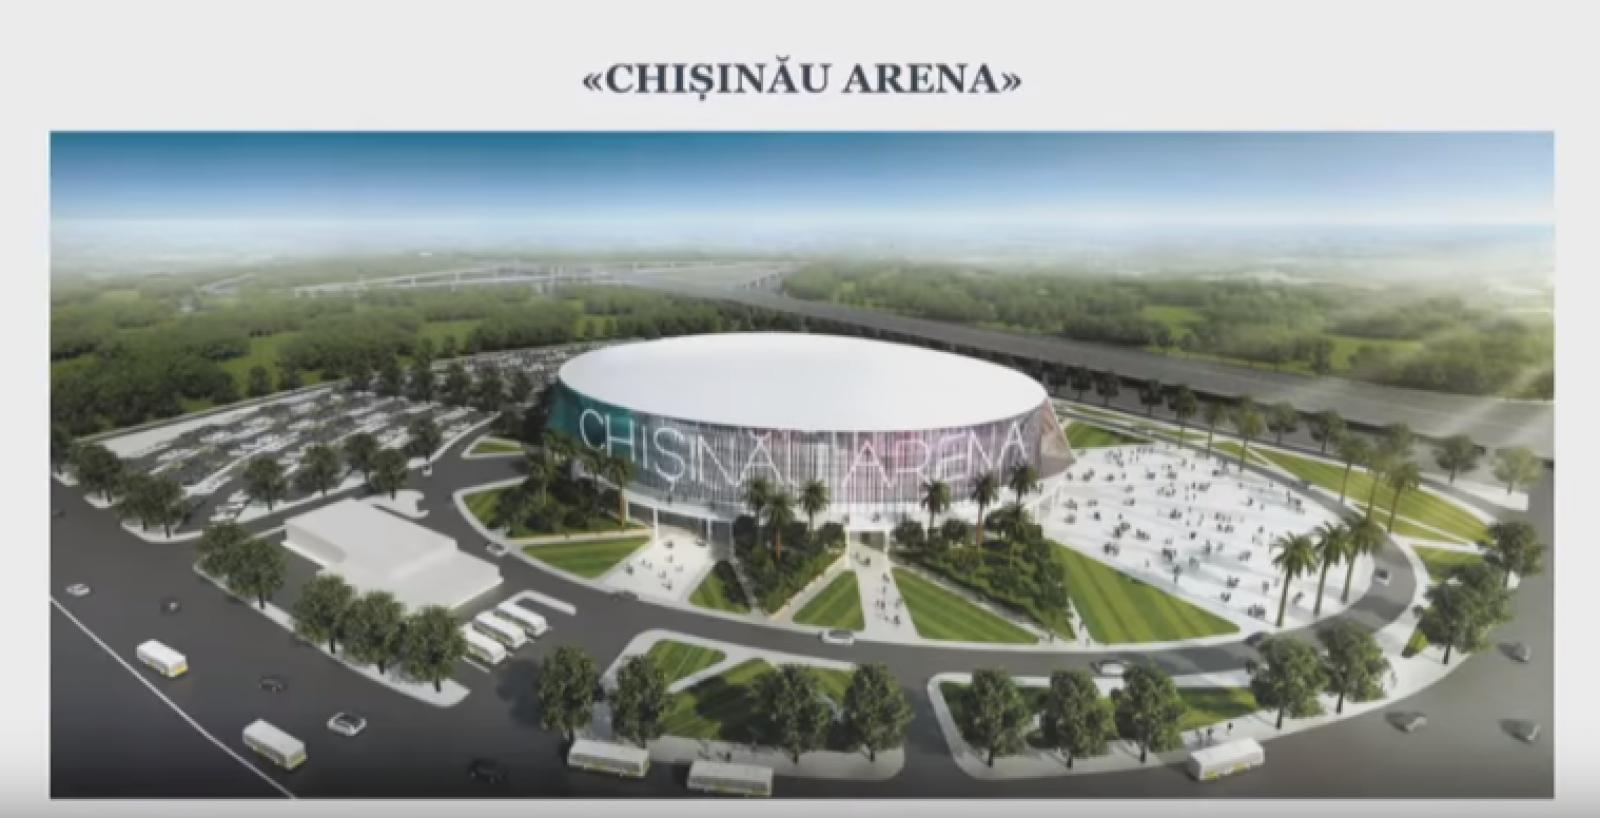 Ziarul de Gardă: Ministerul Finanțelor, despre alocarea banilor pentru Arena Chișinău din fondurile externe pentru drumuri